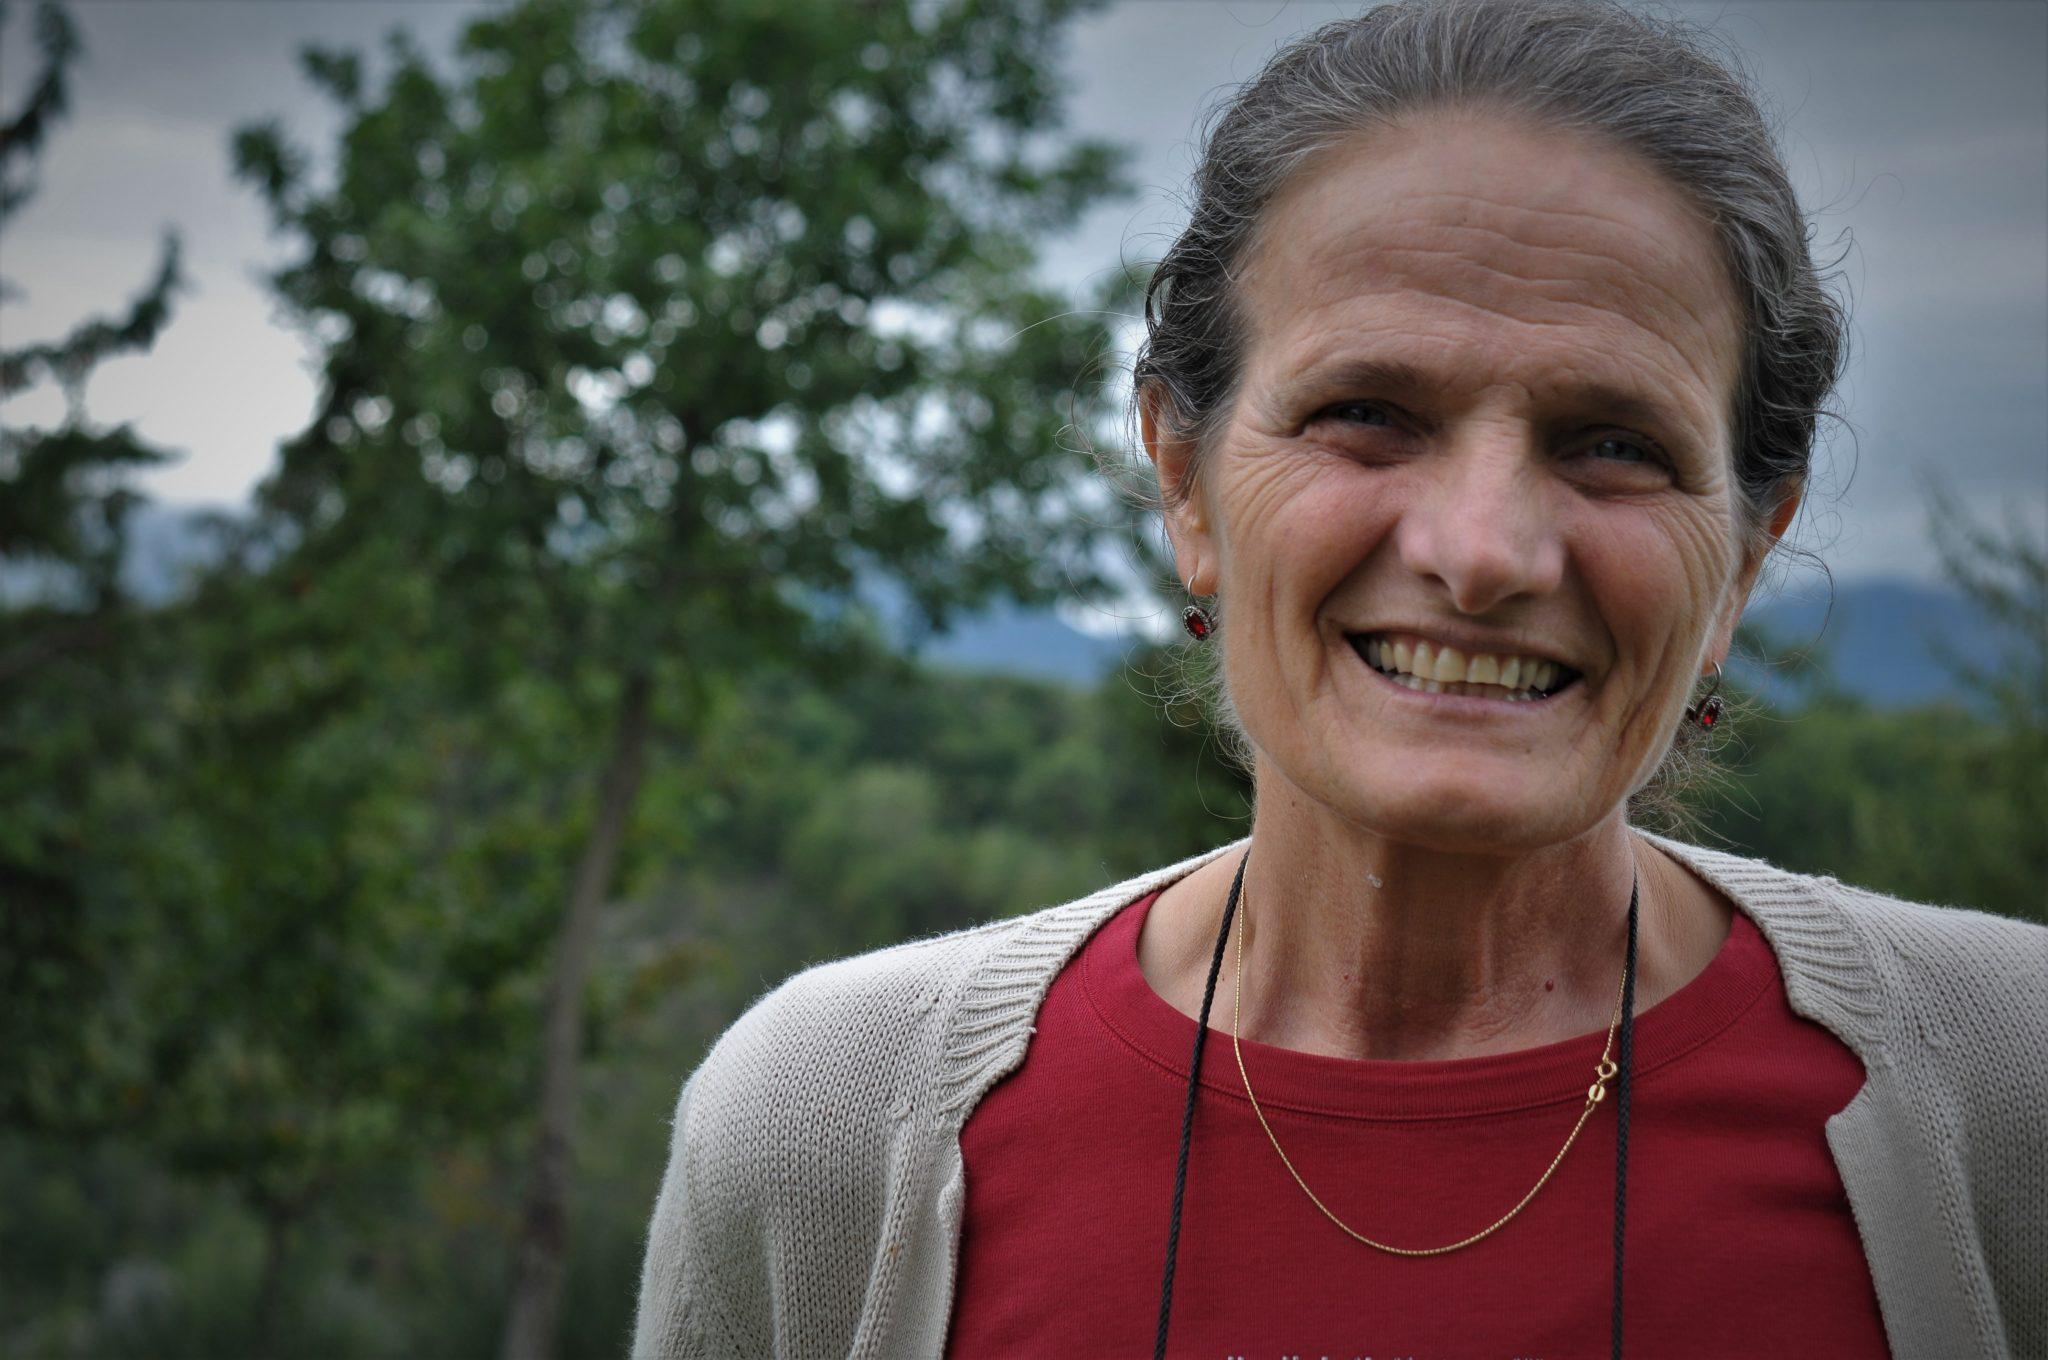 Comunità di San Ruffino: la vita, di nuovo